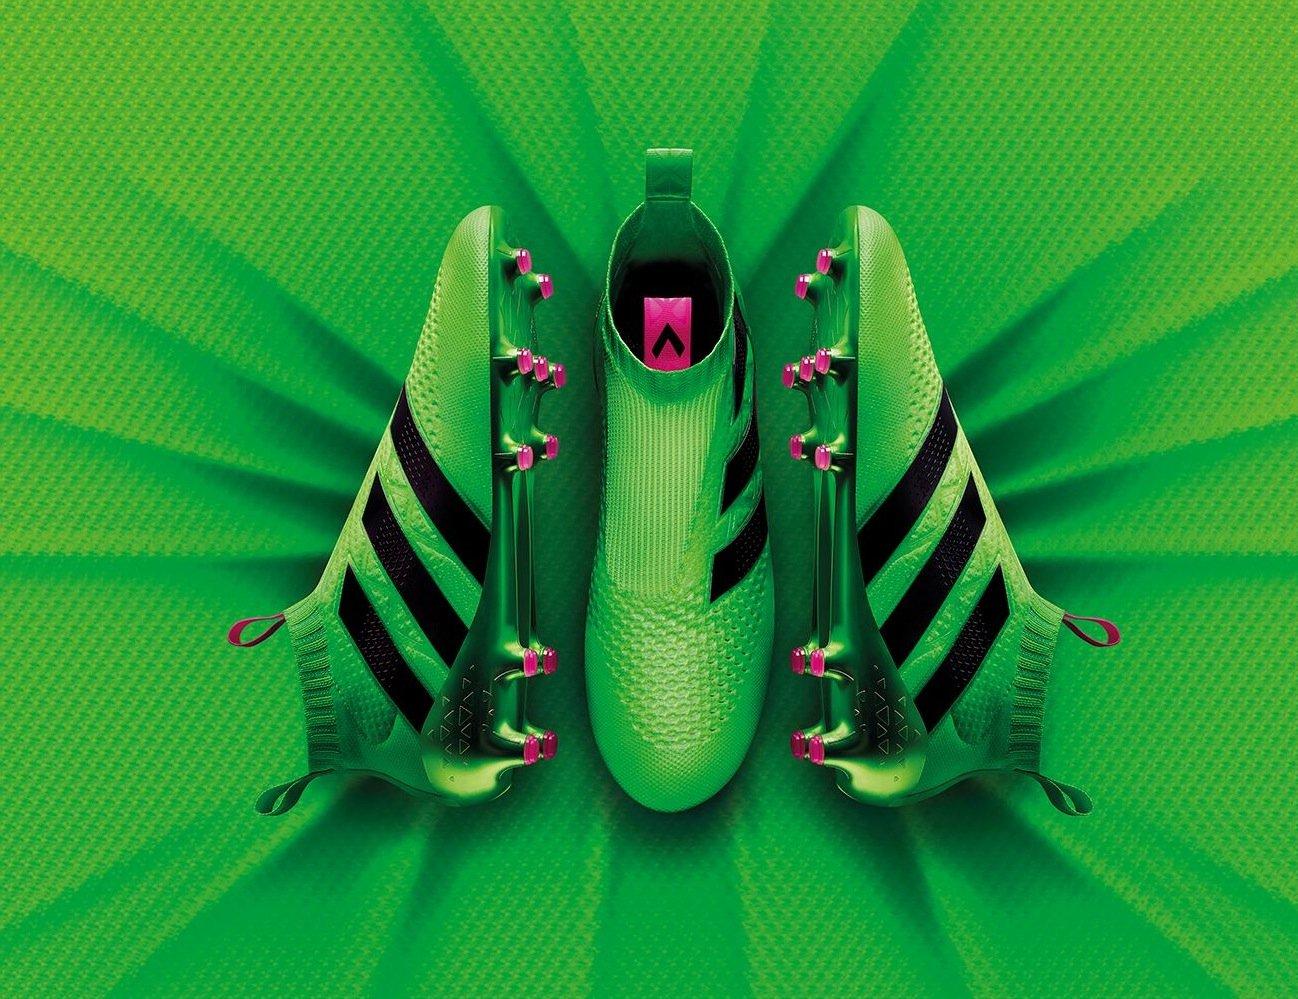 Giftgrün, leicht – und ohne Schnürsenkel: der neue FußballschuhACE 16+ Purecontrol von Adidas.